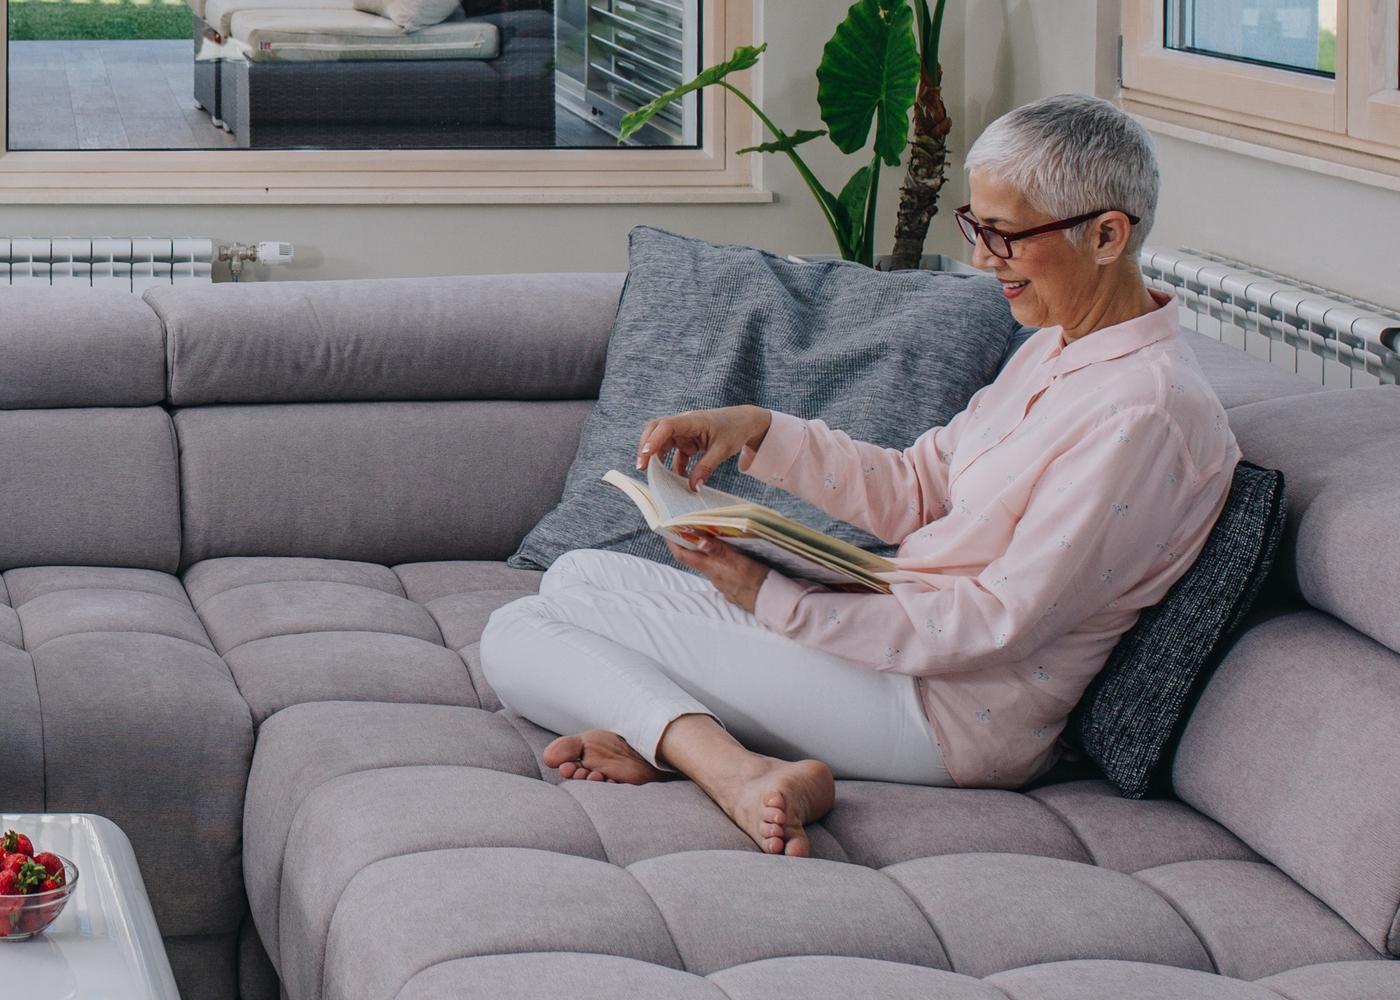 Idosa a ler um livro sentada no sofá